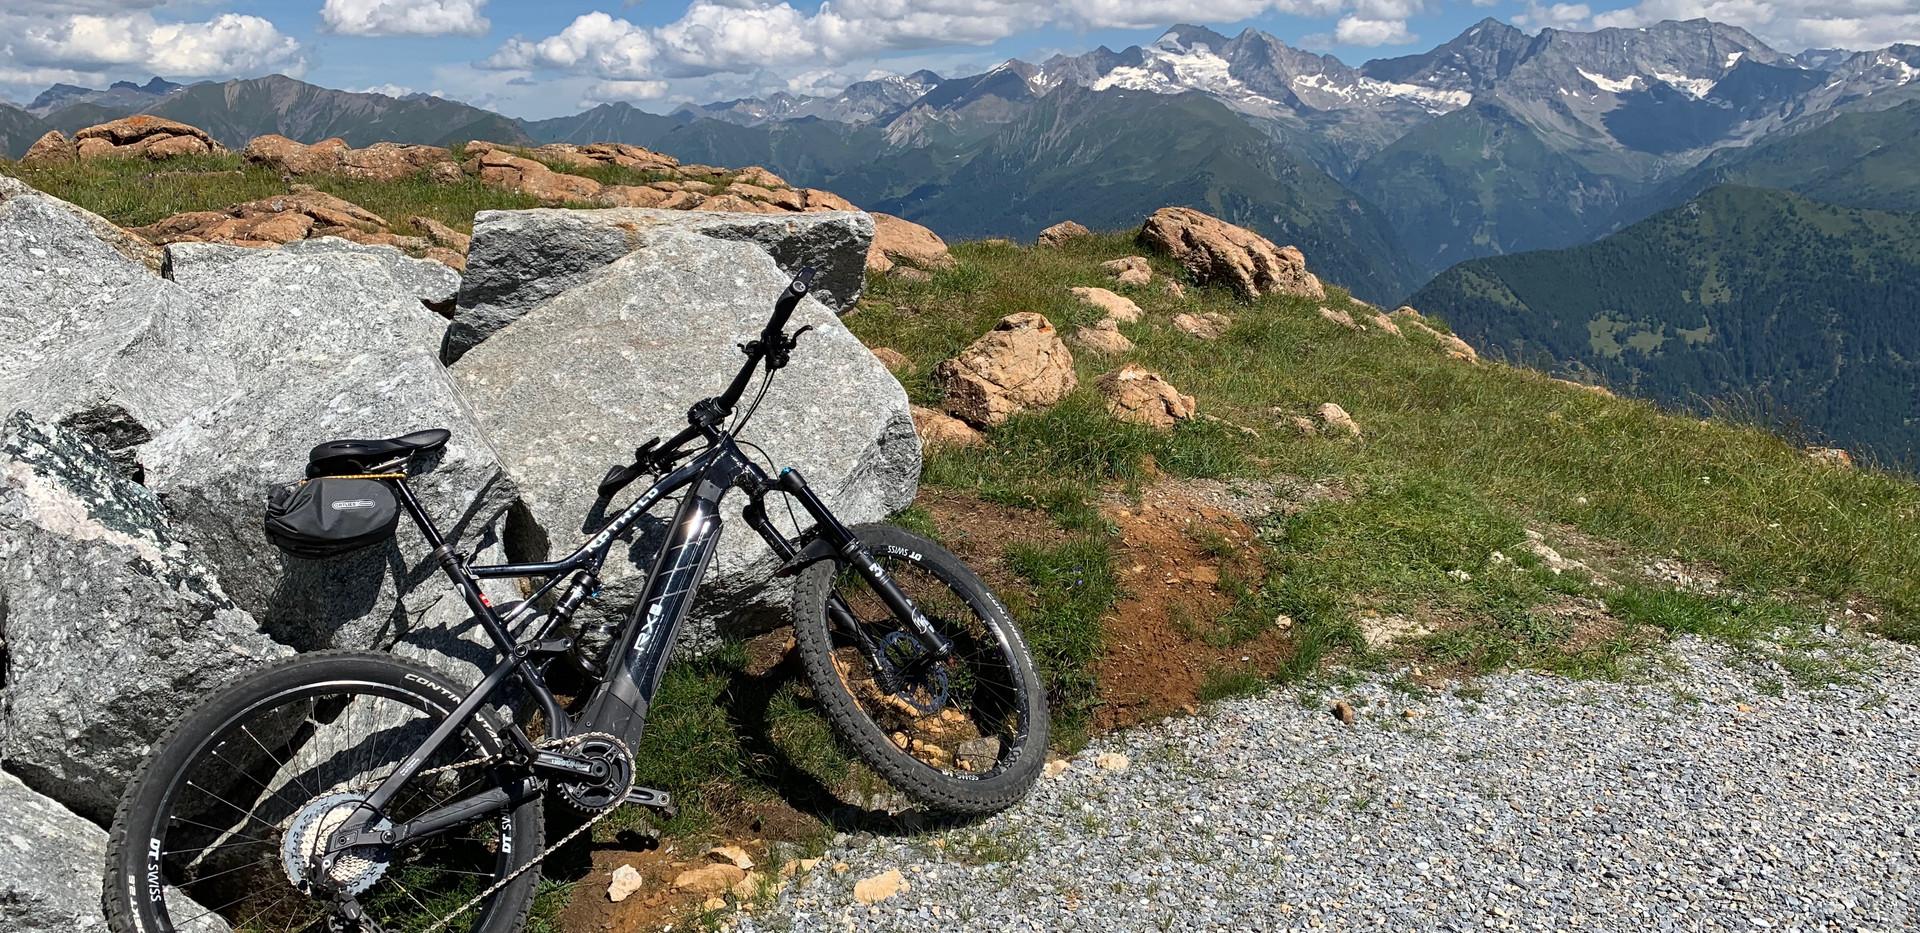 Nösslachjoch_Bikepark_2.JPG